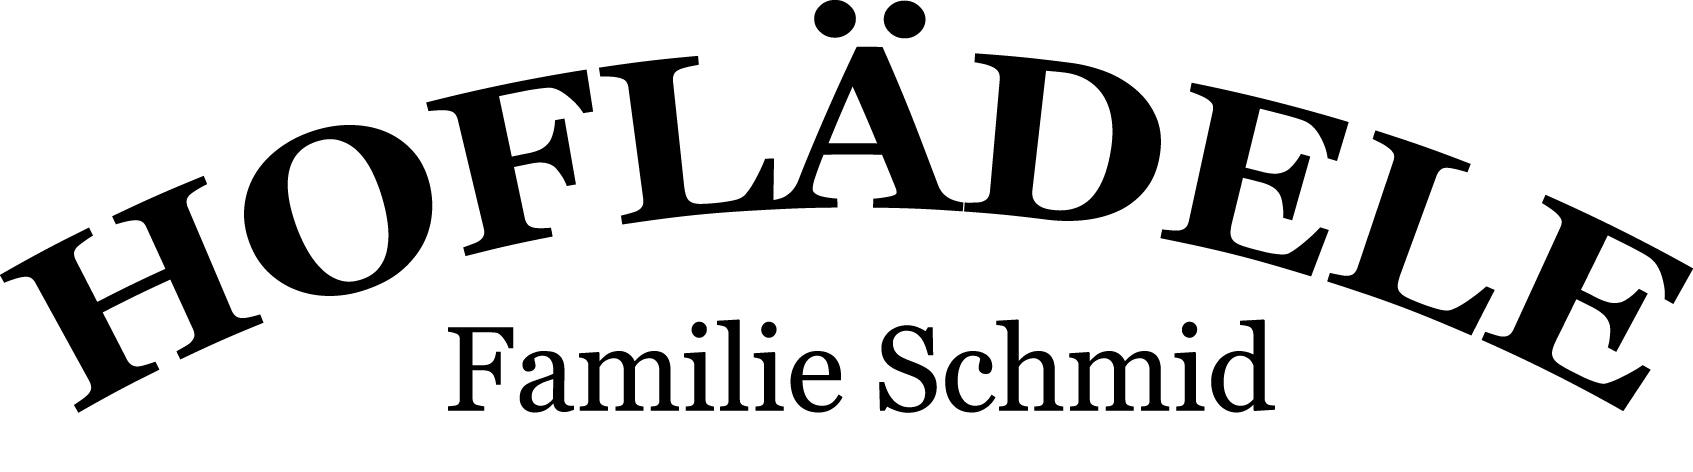 Hoflädele Schmid Logo